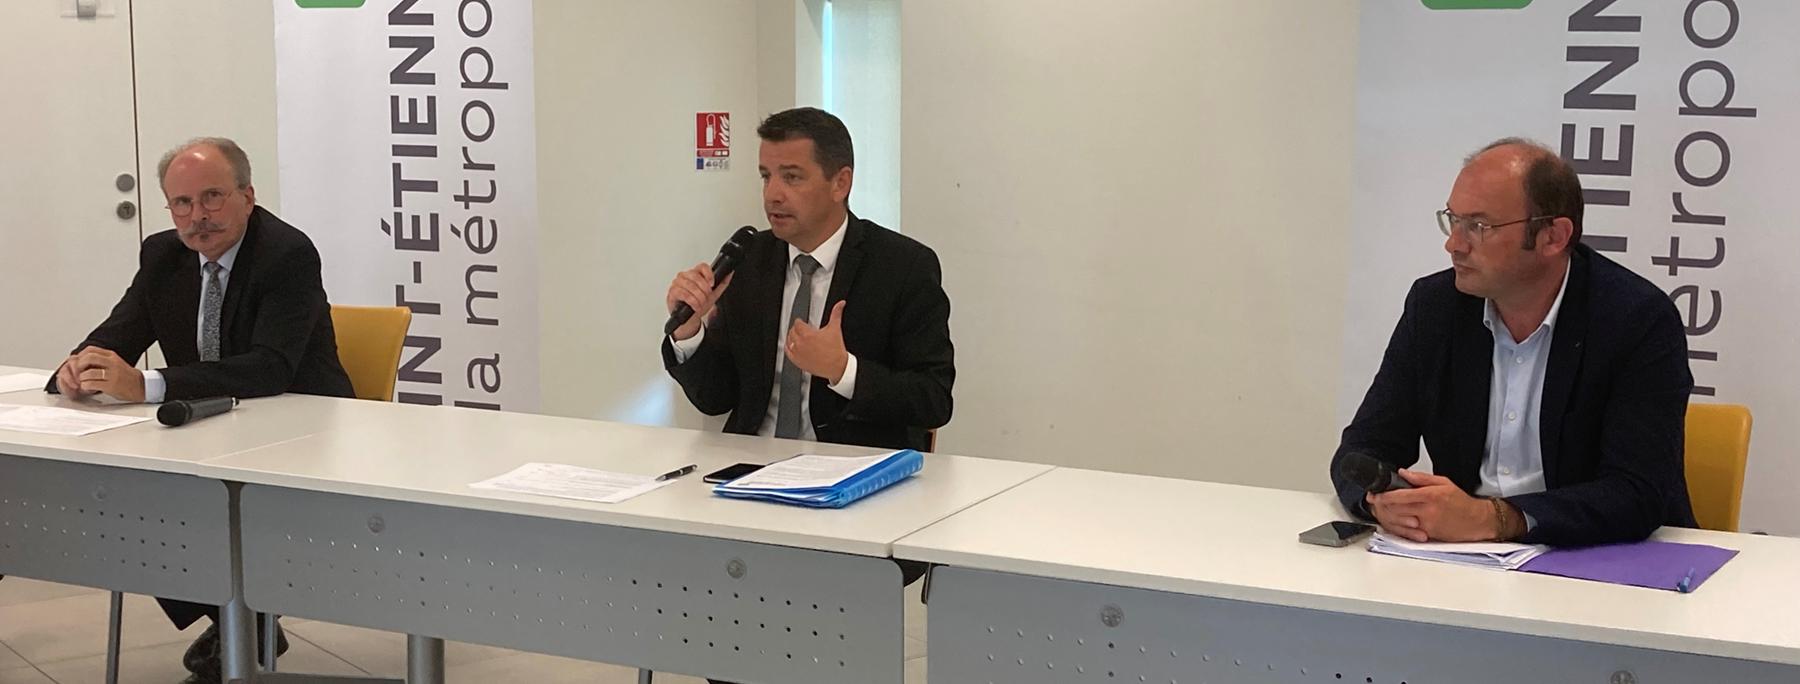 Réunion fdes mairies - Pacte financier et fiscal